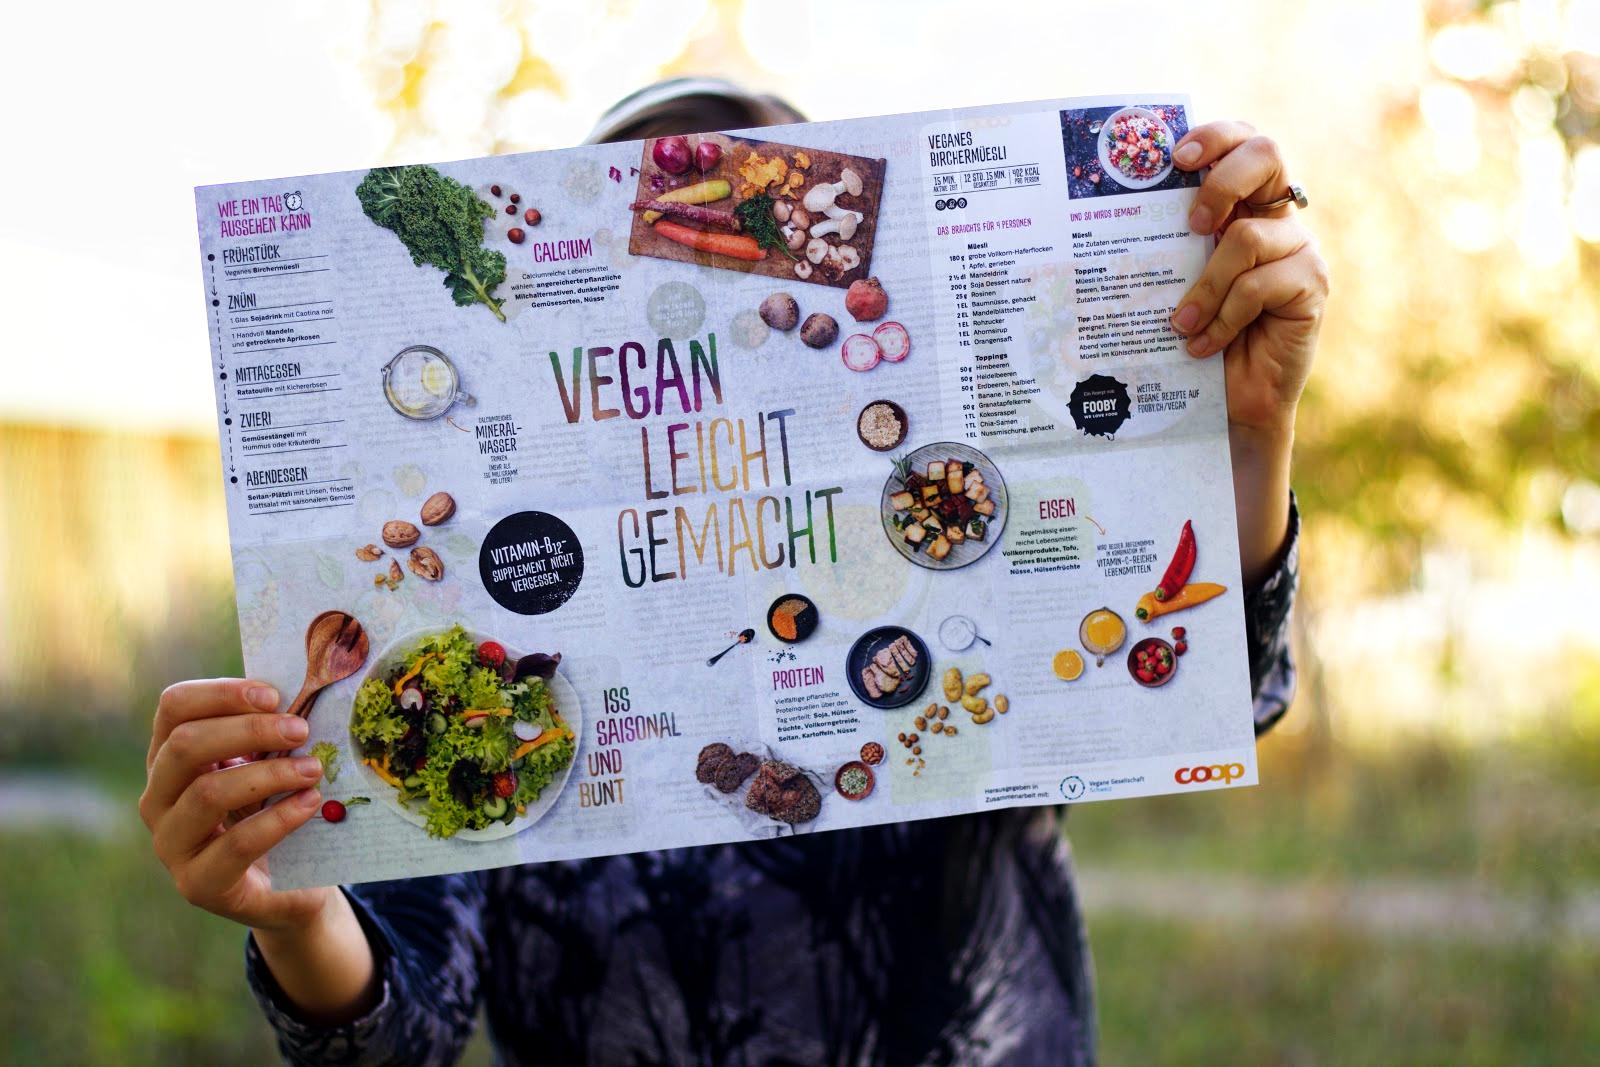 coop broschüre vegan leicht gemacht: Poster